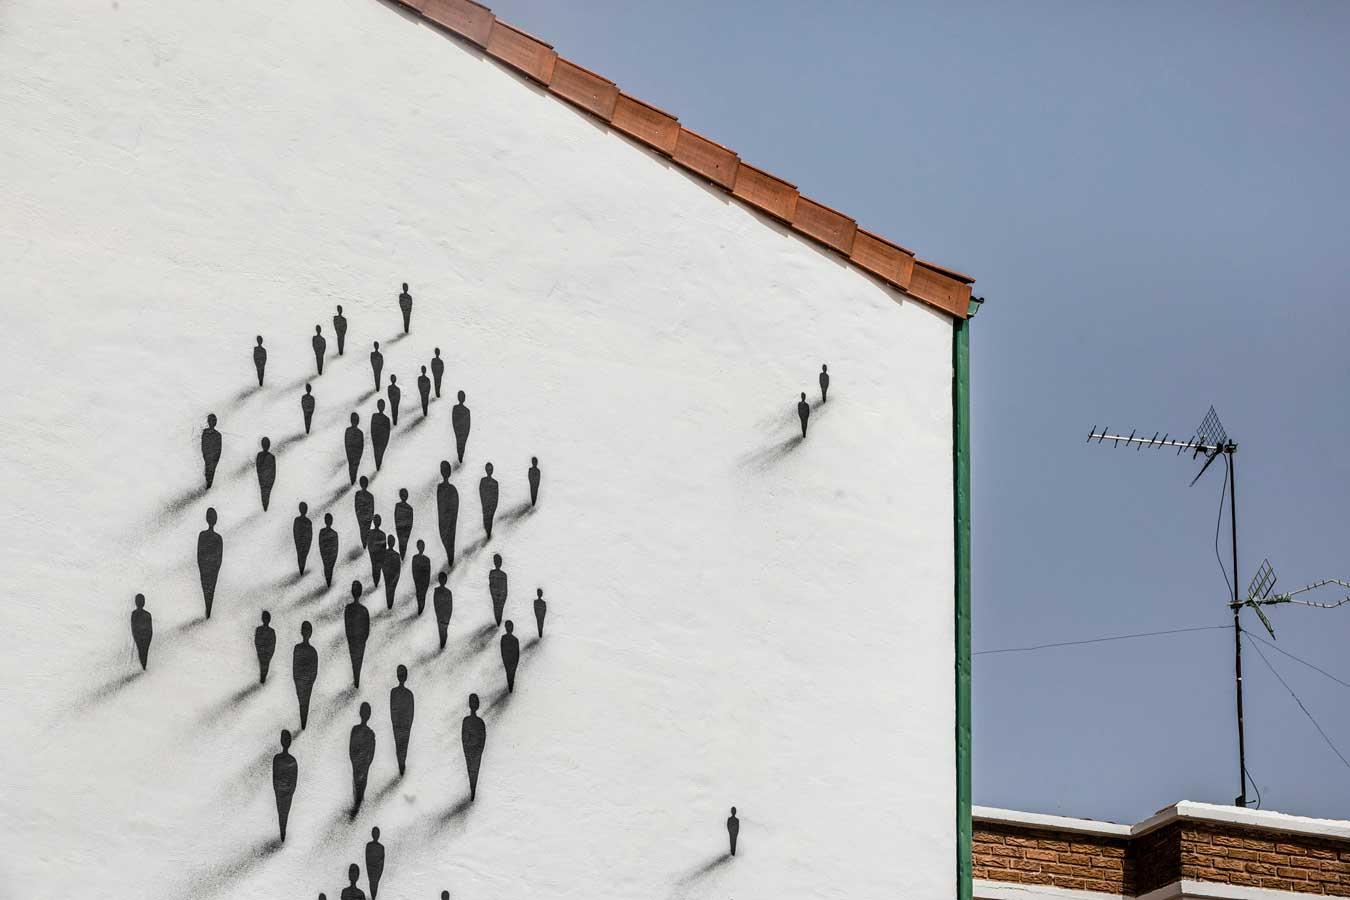 Vista de la fachada de una casa con un grafiti pintado en ella